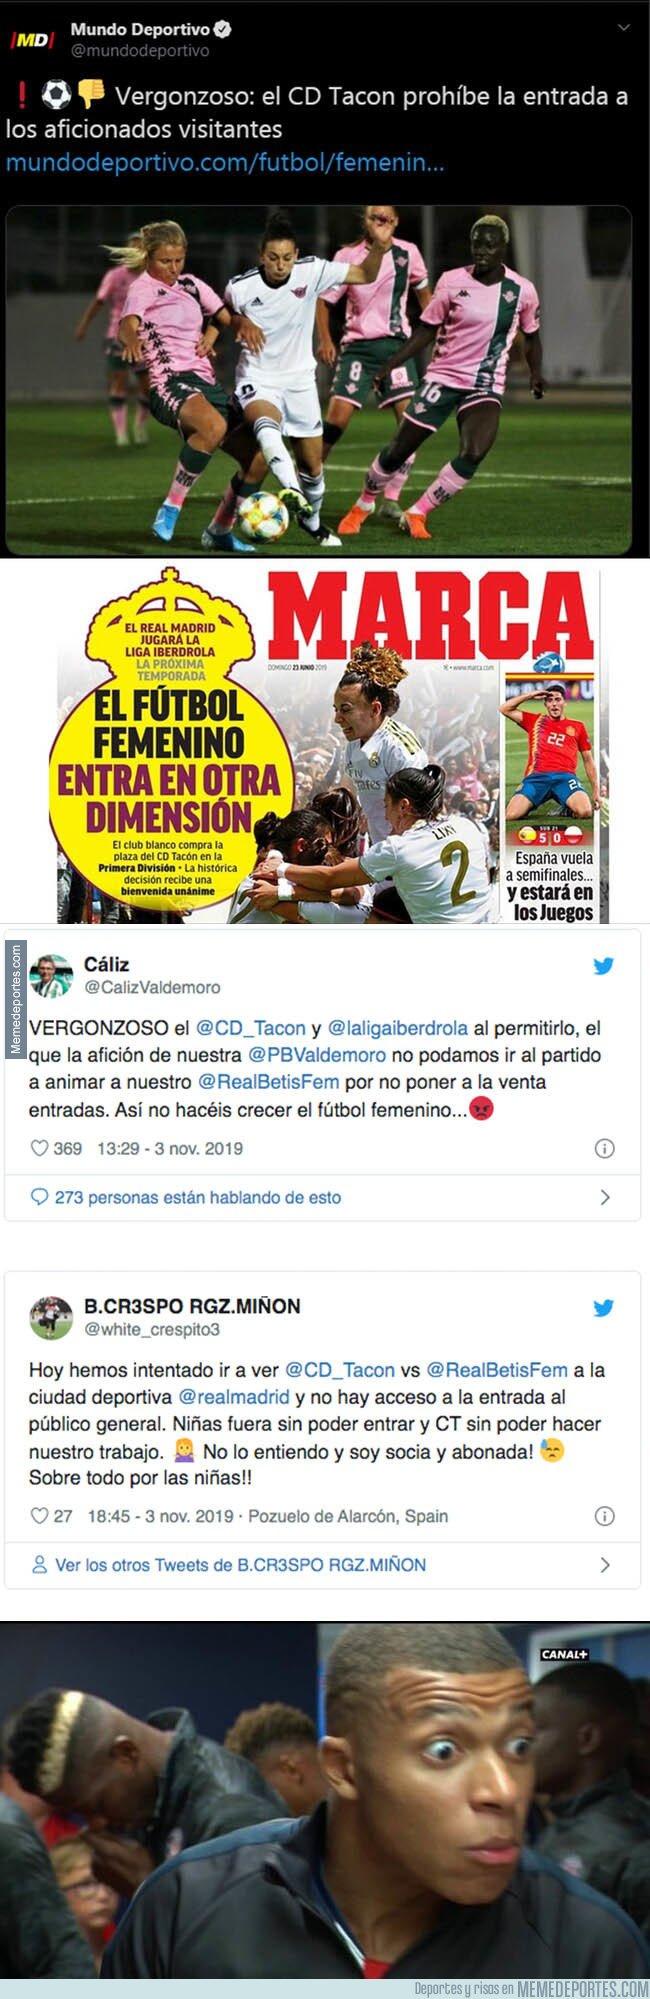 1090075 - Escándalo total: esto es lo que está haciendo el Real Madrid femenino con sus aficionados que quieren ver los partidos en Valdebebas